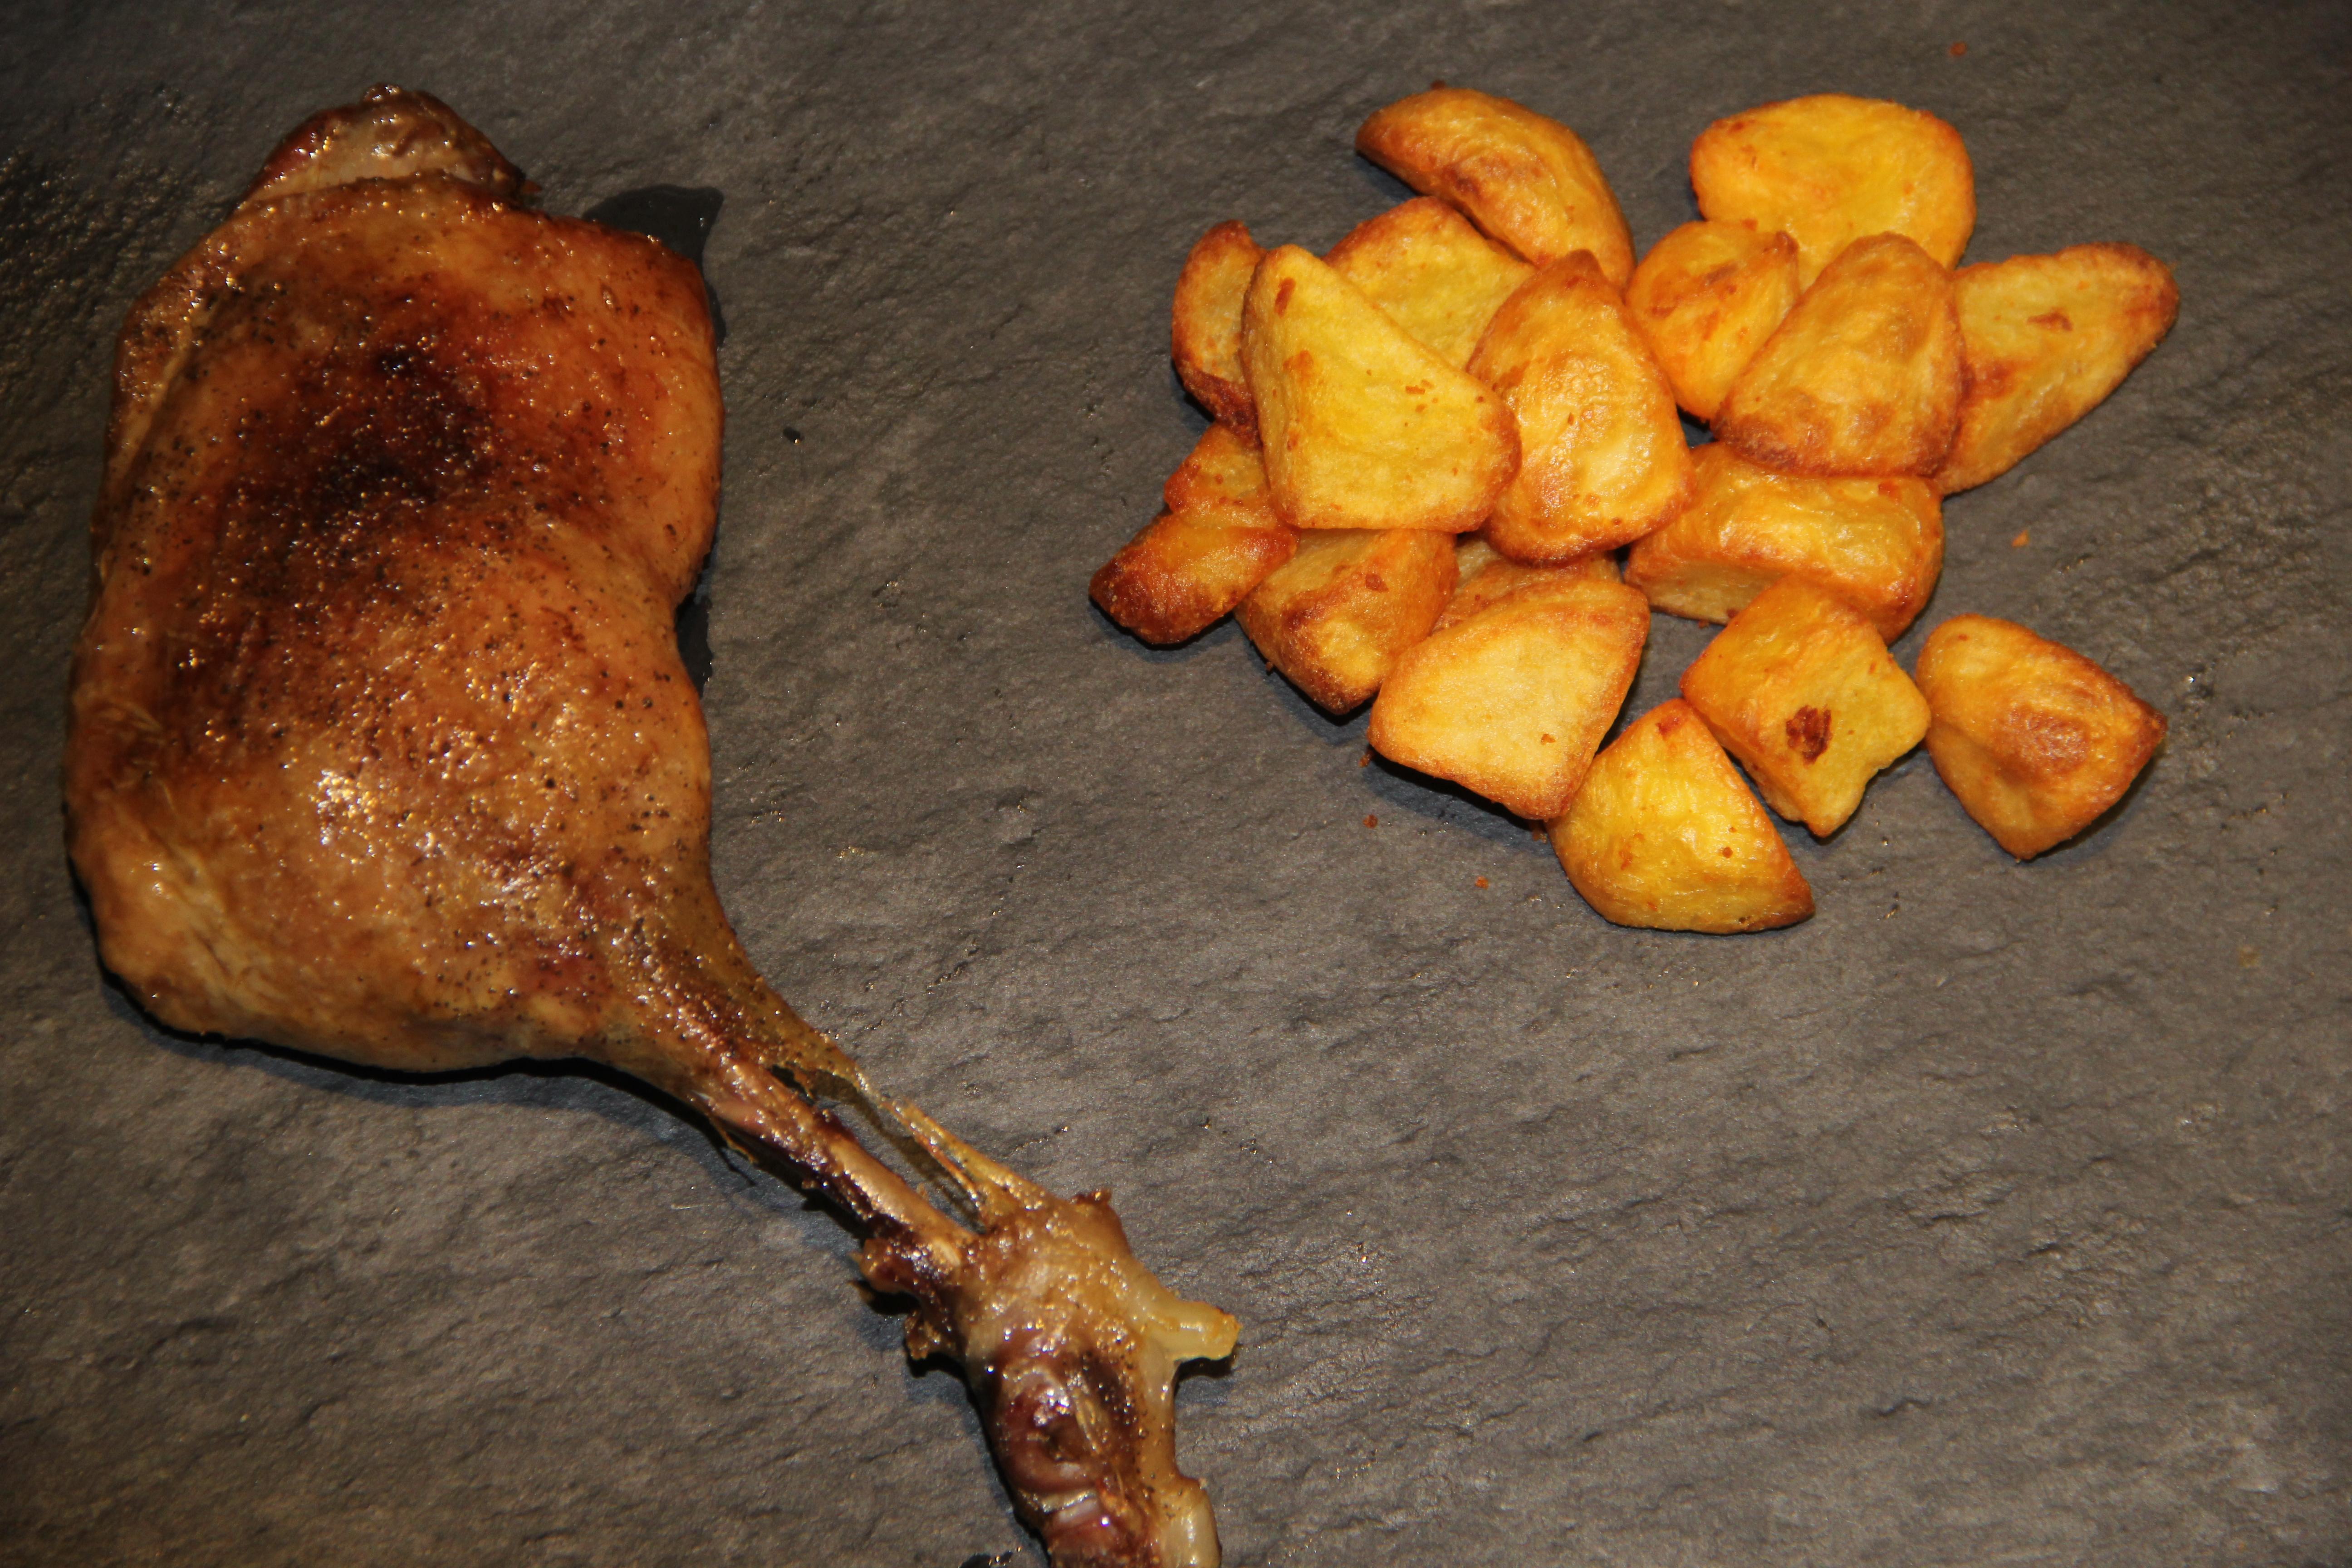 andelår og kartofler